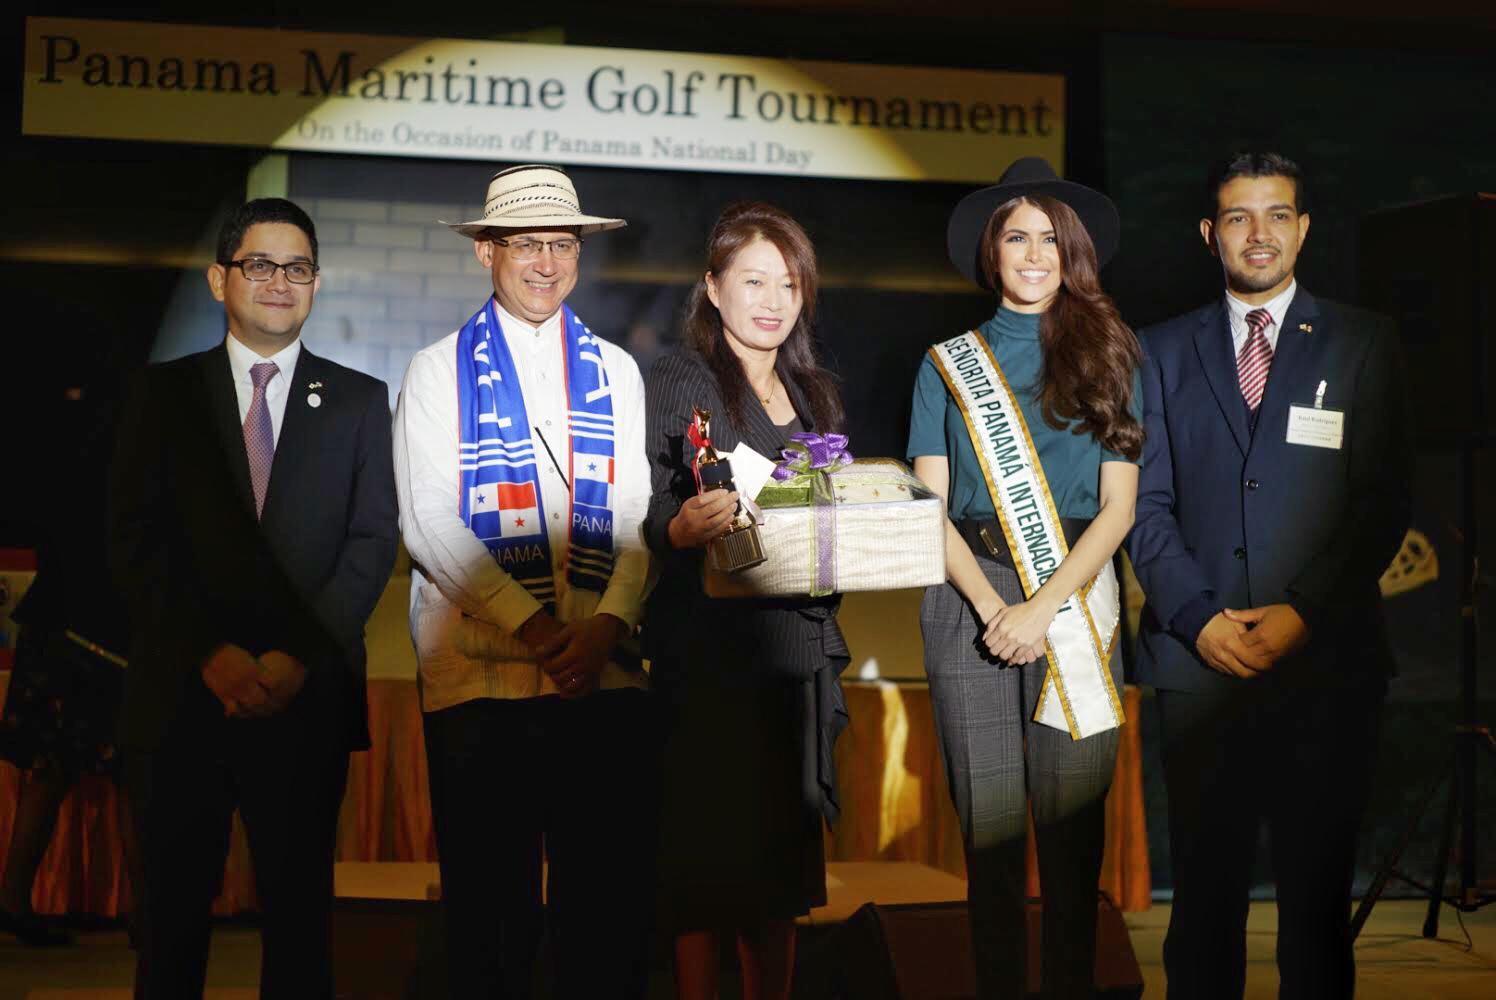 大使、在京及び在神戸総領事、ミス・パナマ 授賞式中受賞者とともに